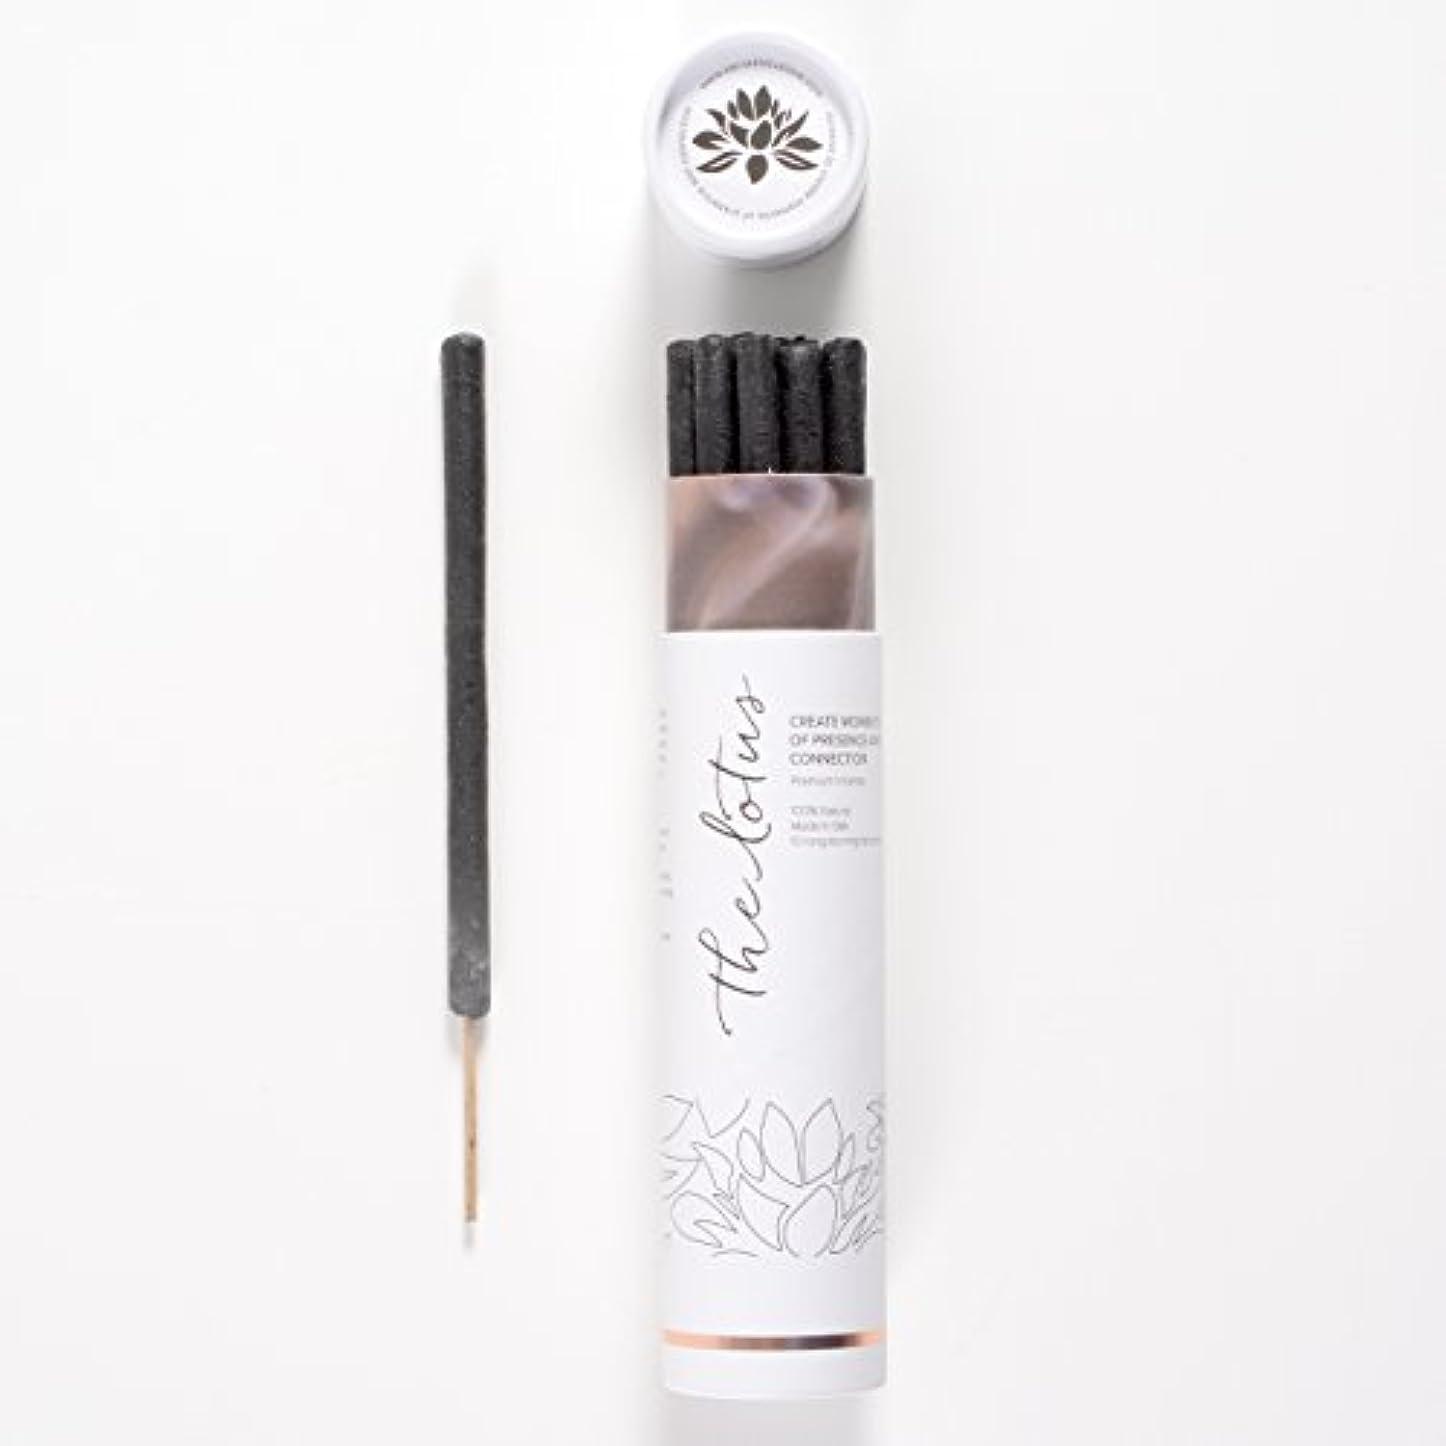 お酒アダルトカンガルーThe LotusバリIncense – 10プレミアムLong Burn ' Fat ' Sticks。100 % Organic & Natural Ingredients。